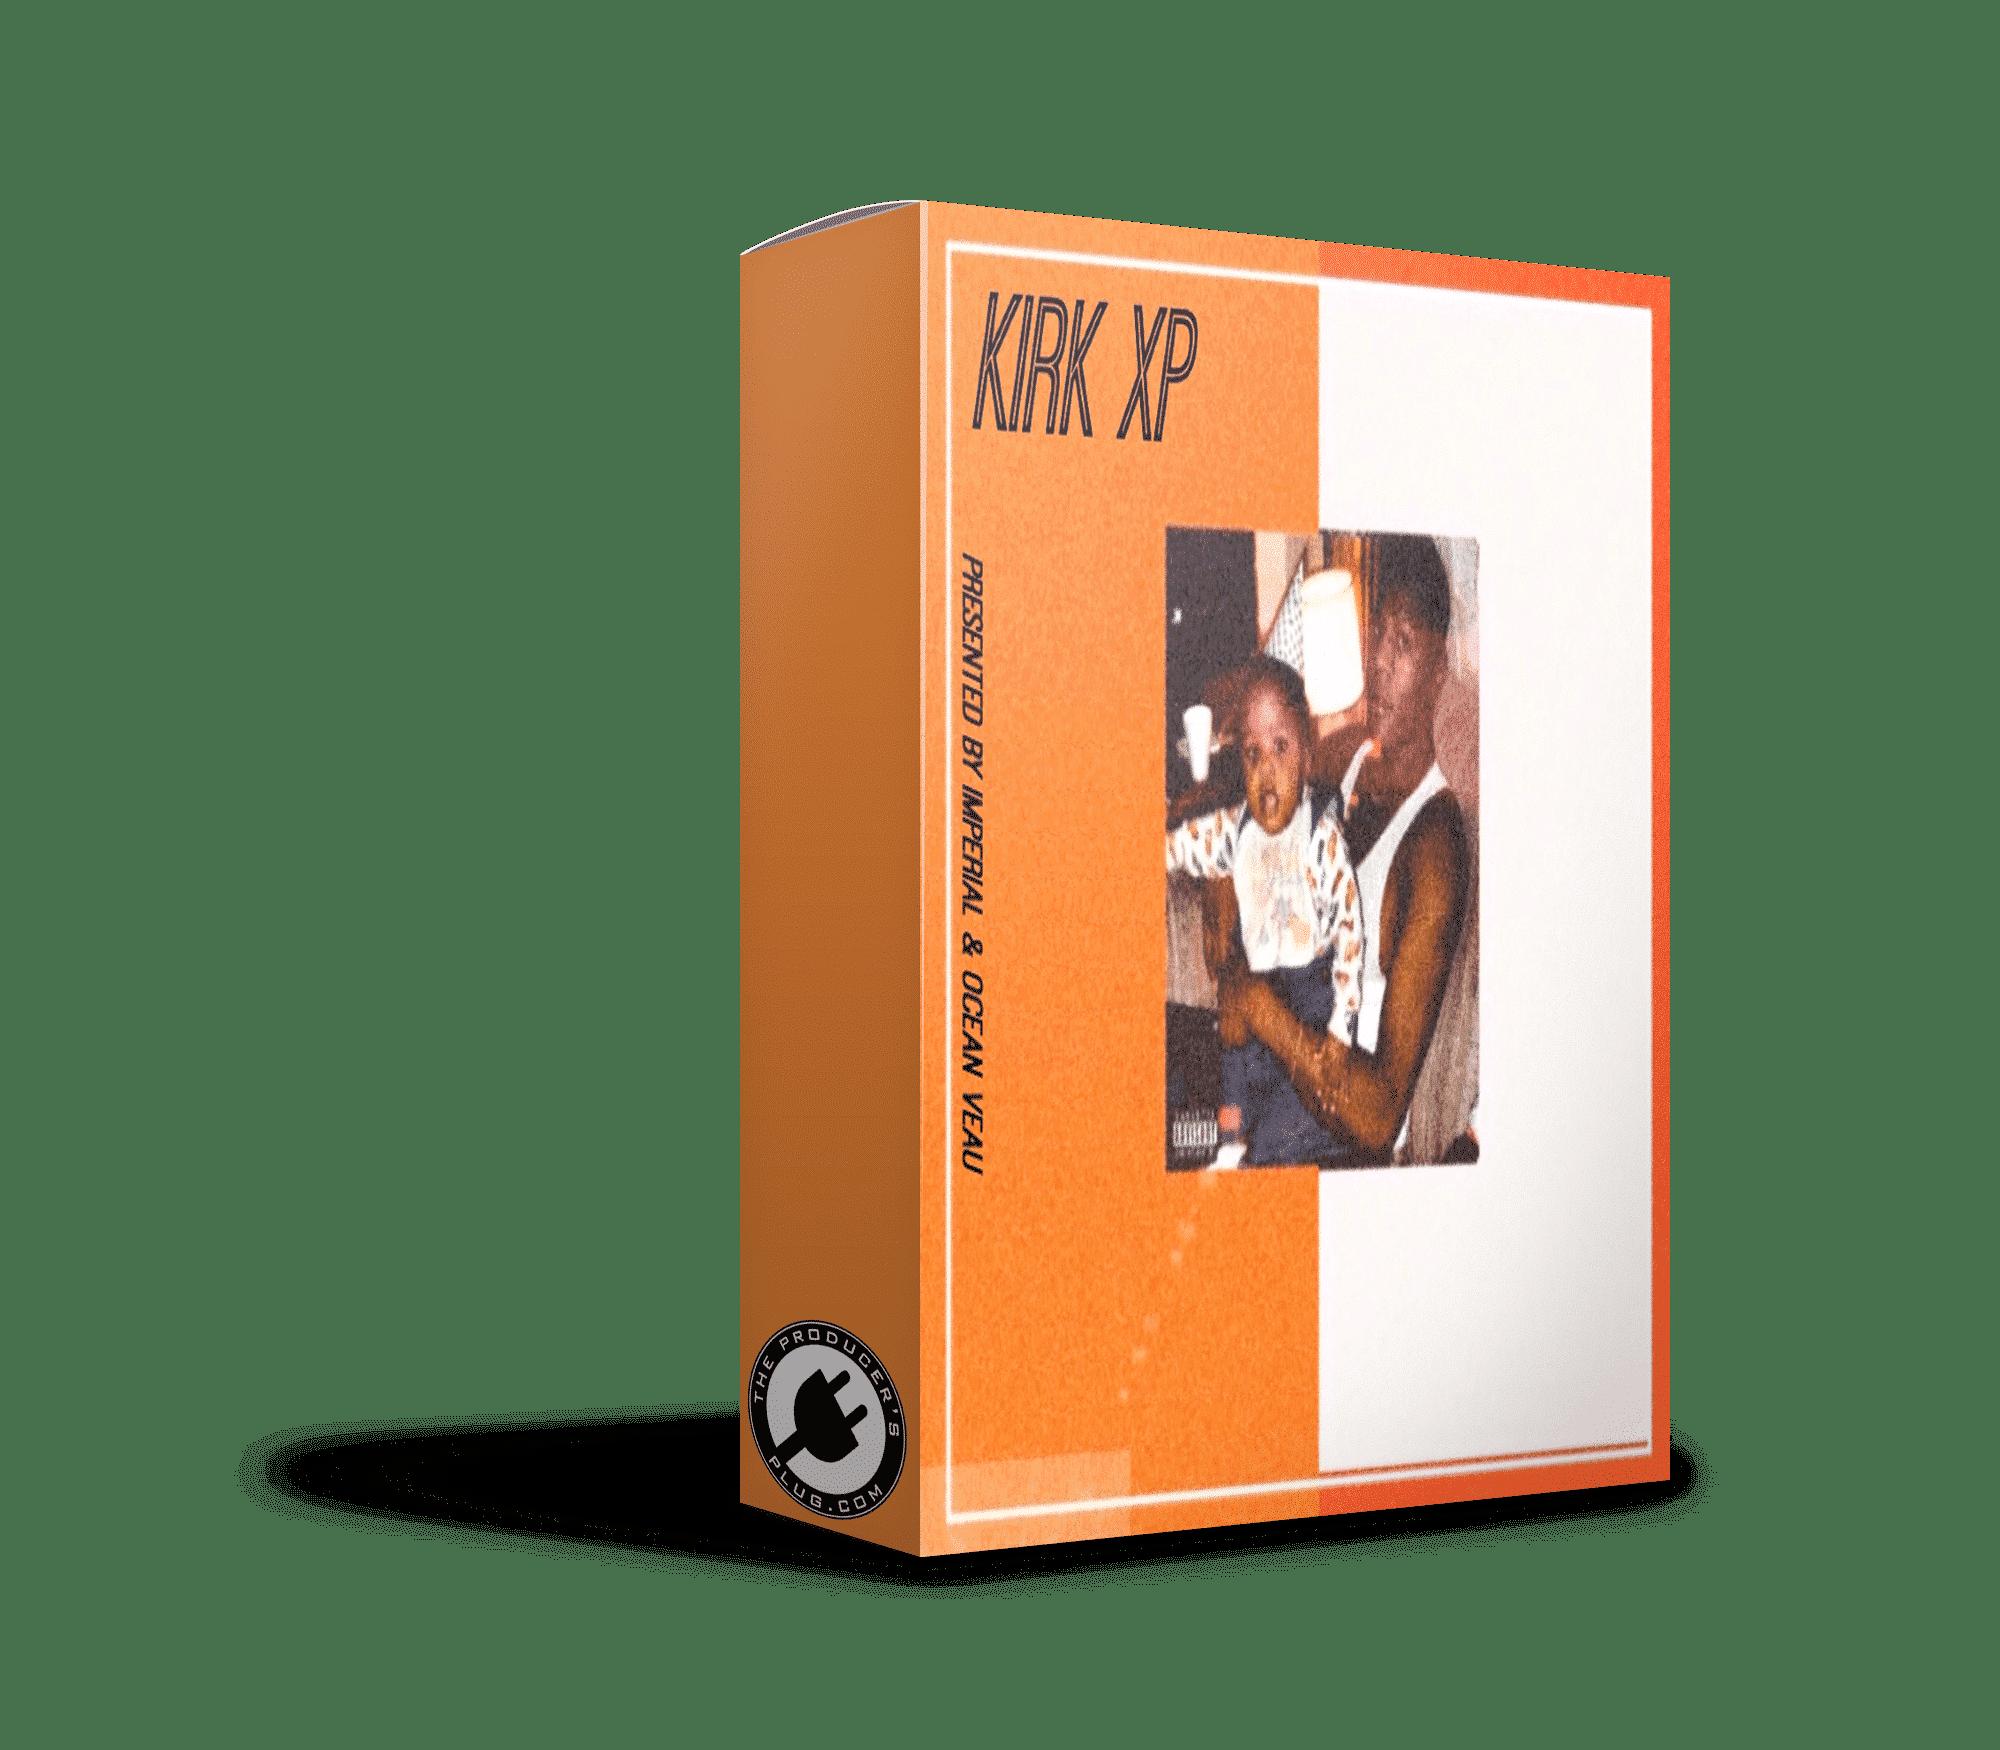 's Plug – Ocean Veau & Imperial – KIRK (ElectraX Preset Bank)